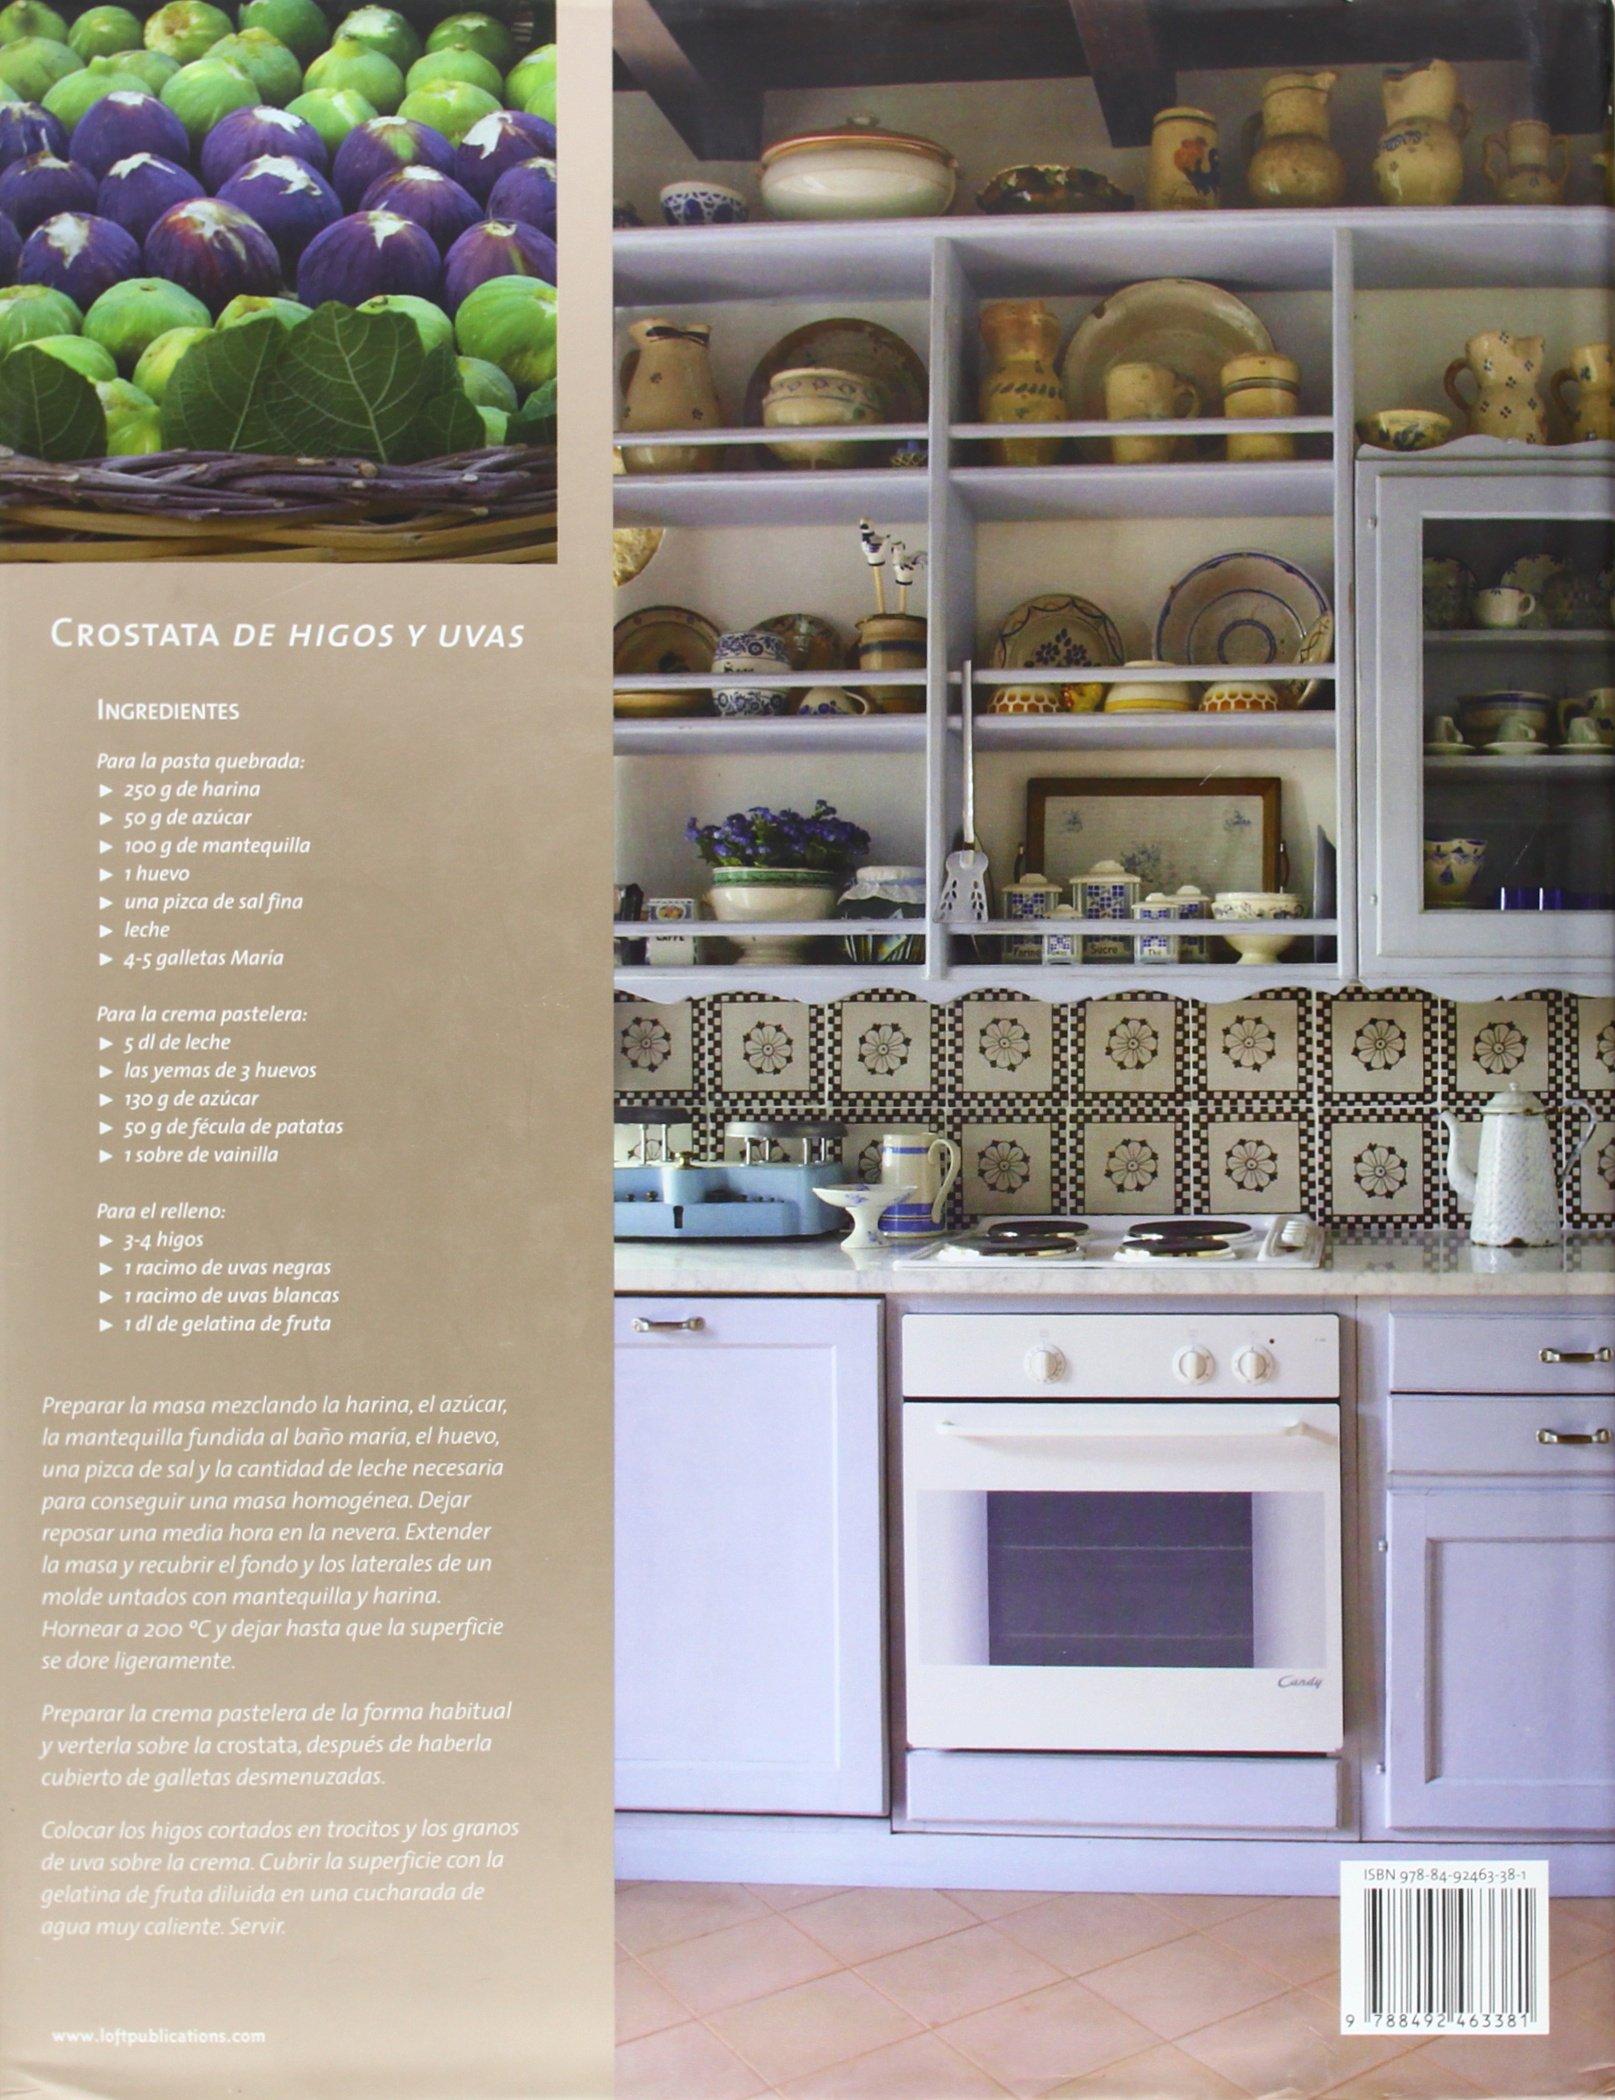 Cocinas de campo con encanto. Una guía preciosa del estilo y la cocina de Italia: SANTOS (463381): 9788492463381: Amazon.com: Books